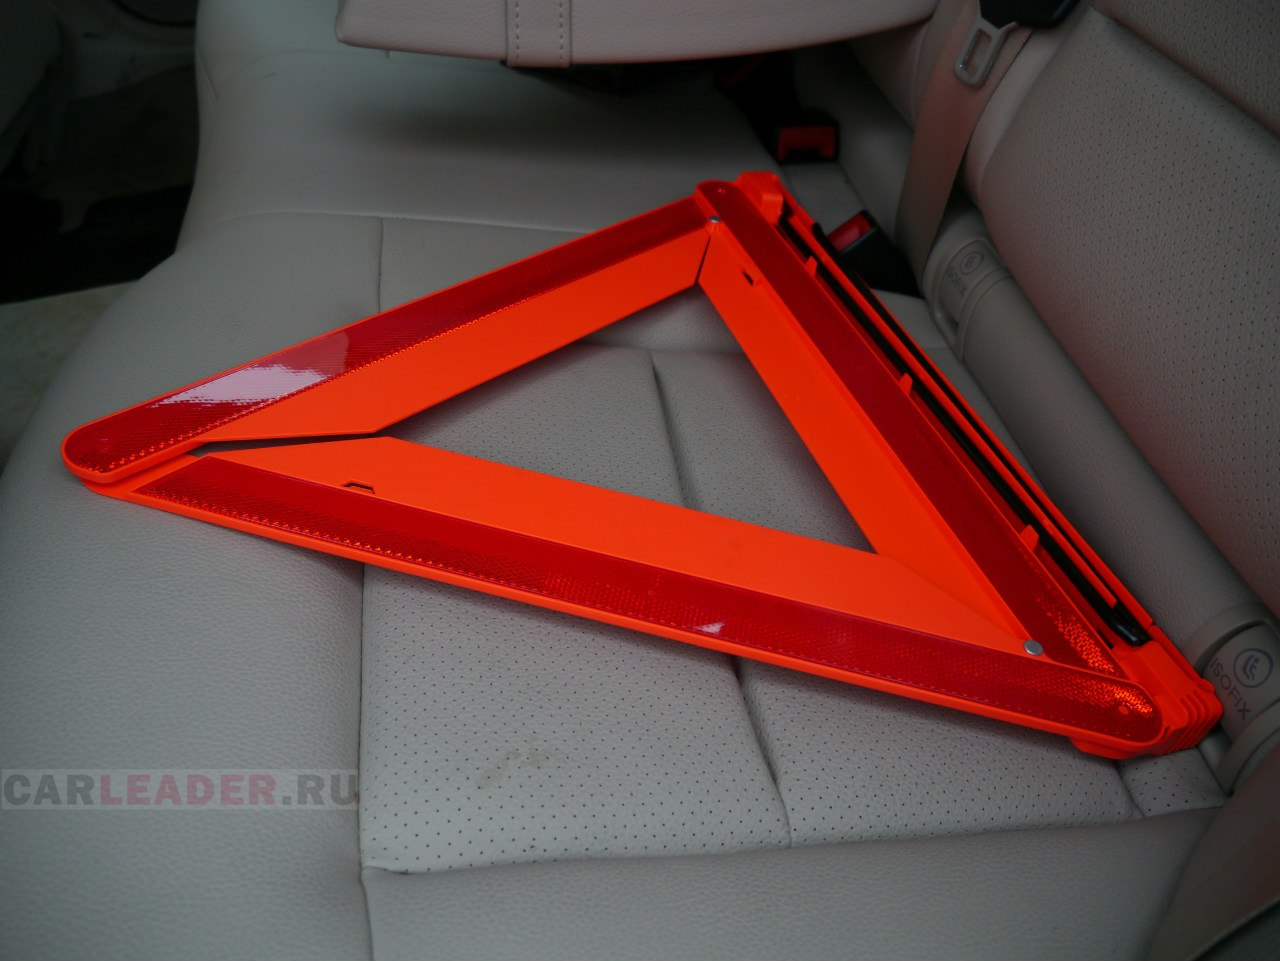 Набор автомобилиста Mercedes-Benz E 2014 - полностью оригинальный, немецкий, включая аптечку. Знак аварийной оставновки сделан из крутого мягкого пластика и с качественной конструкцией.